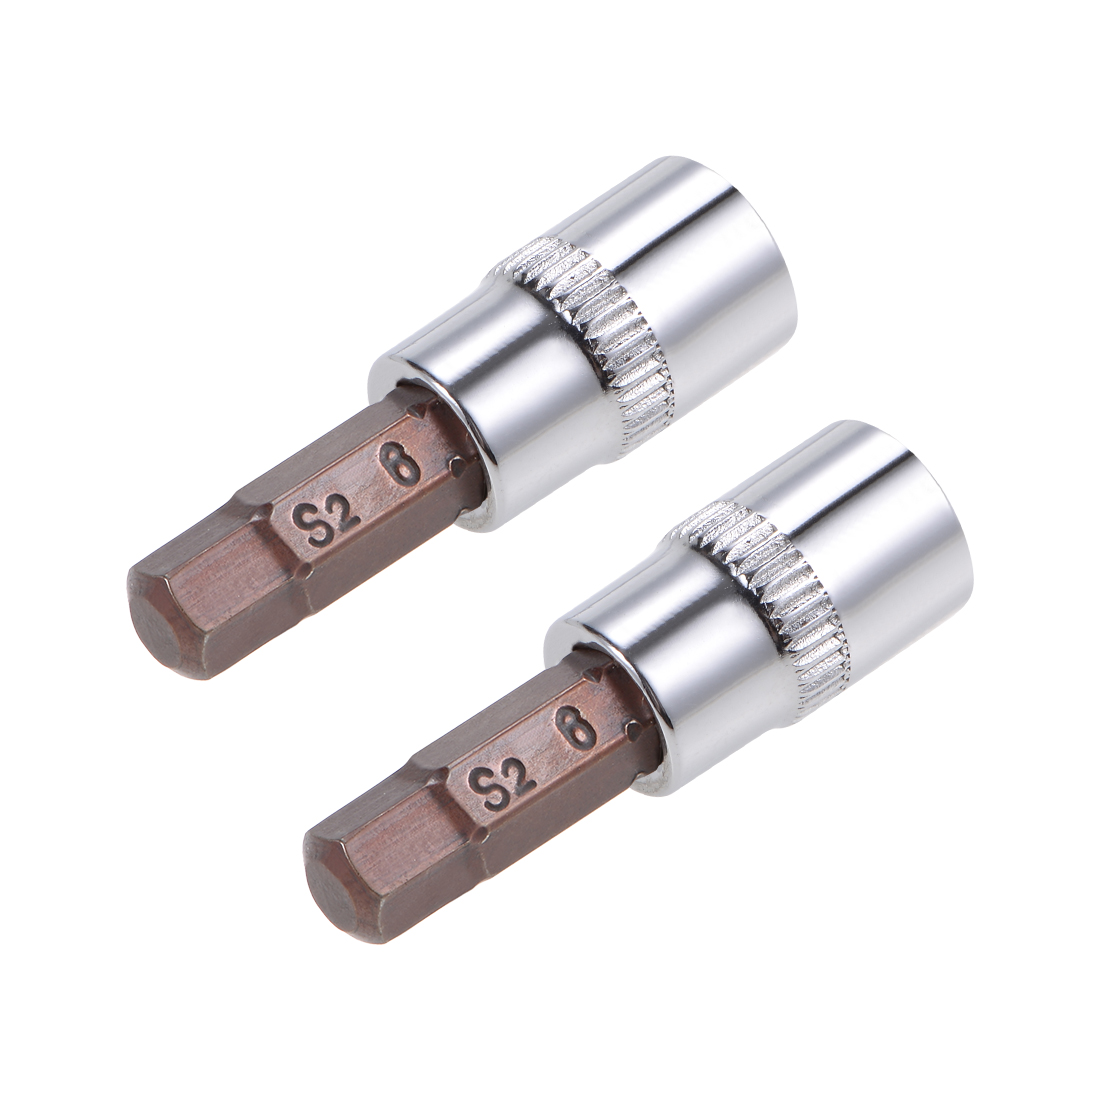 """2 Pcs 1/4"""" Drive x 6mm Hex Bit Socket, Standard Metric, S2 & Cr-V Steel"""